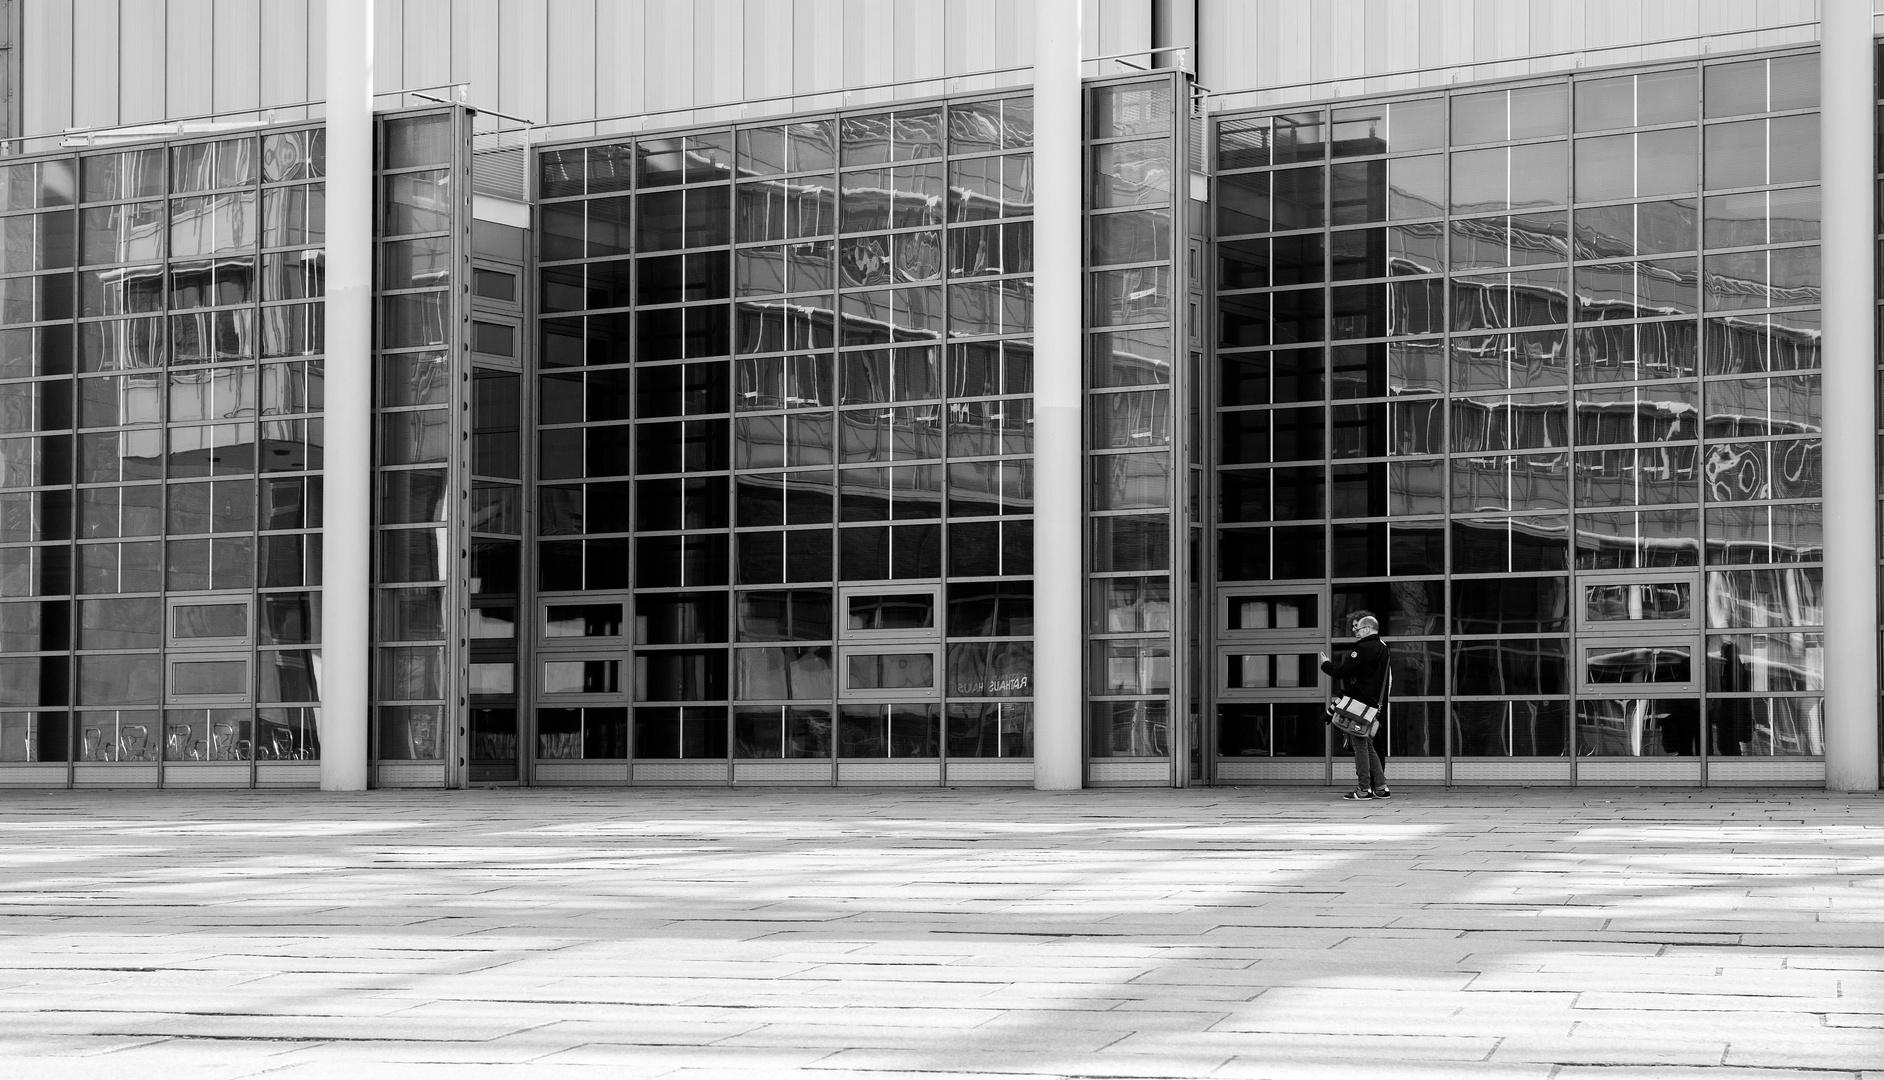 spiegelwand foto & bild | art, outdoor, schwarz-weiss bilder auf